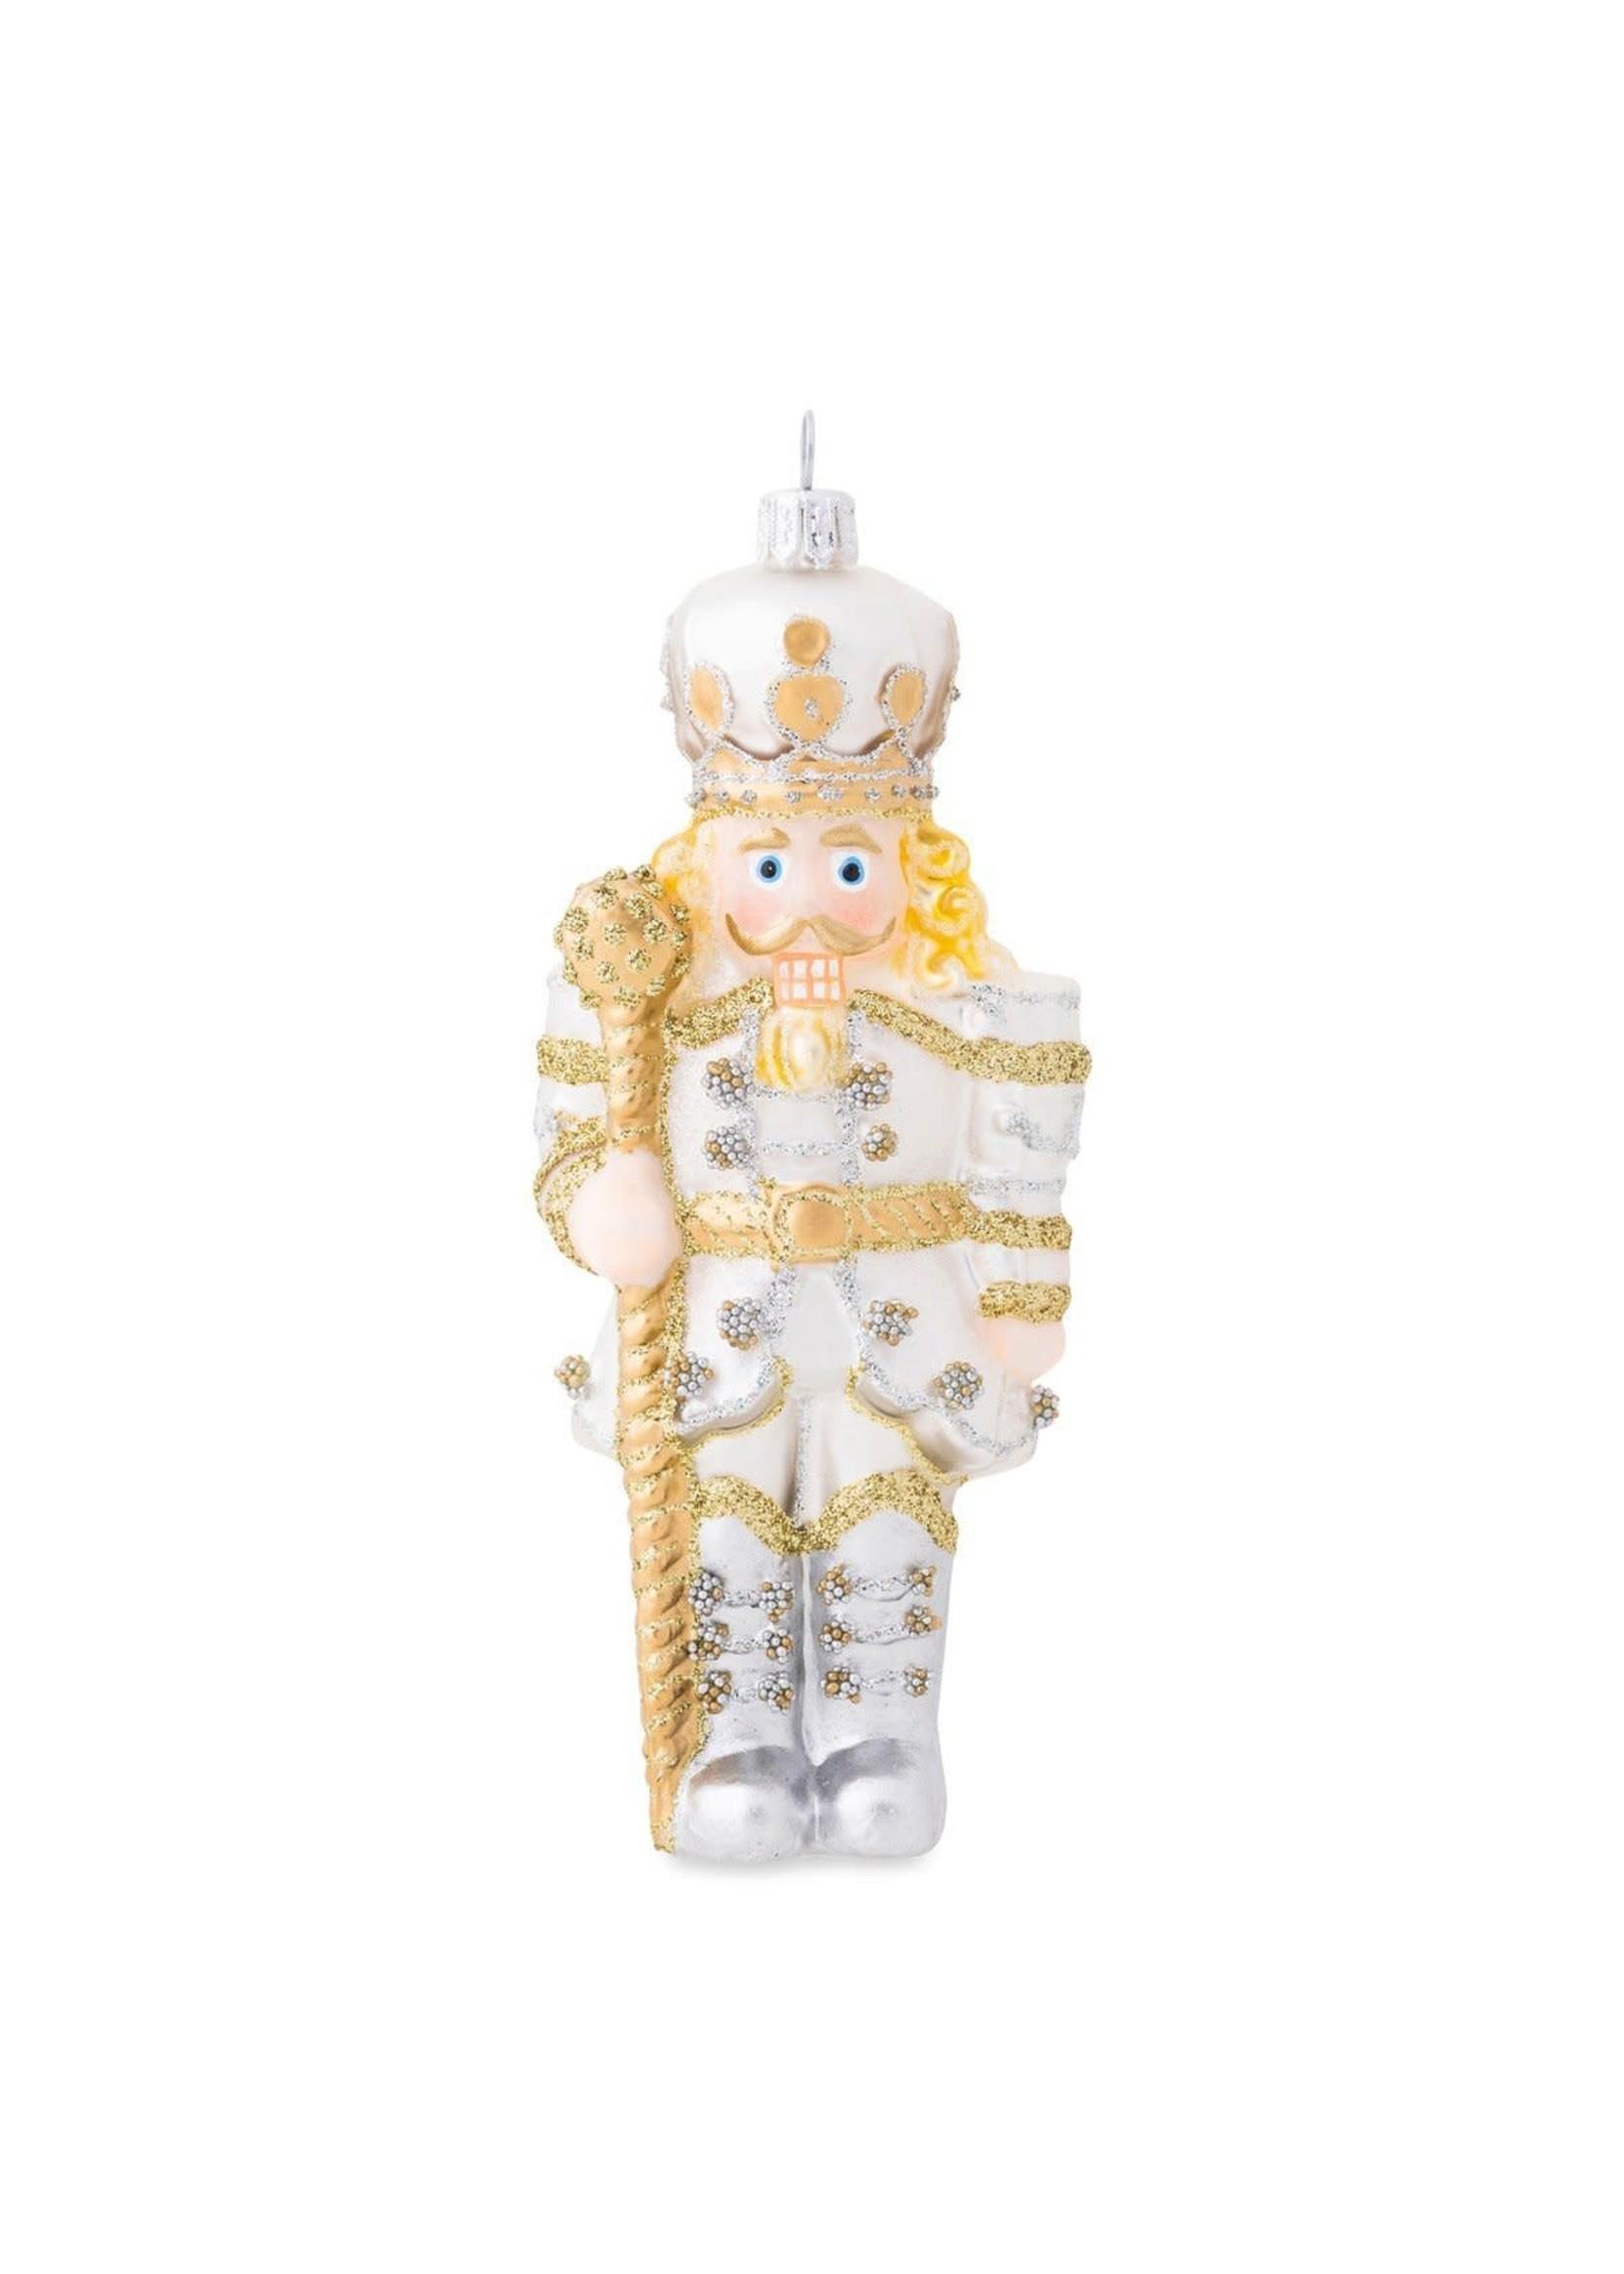 Juliska Ornament - Gold & Silver Nutcracker